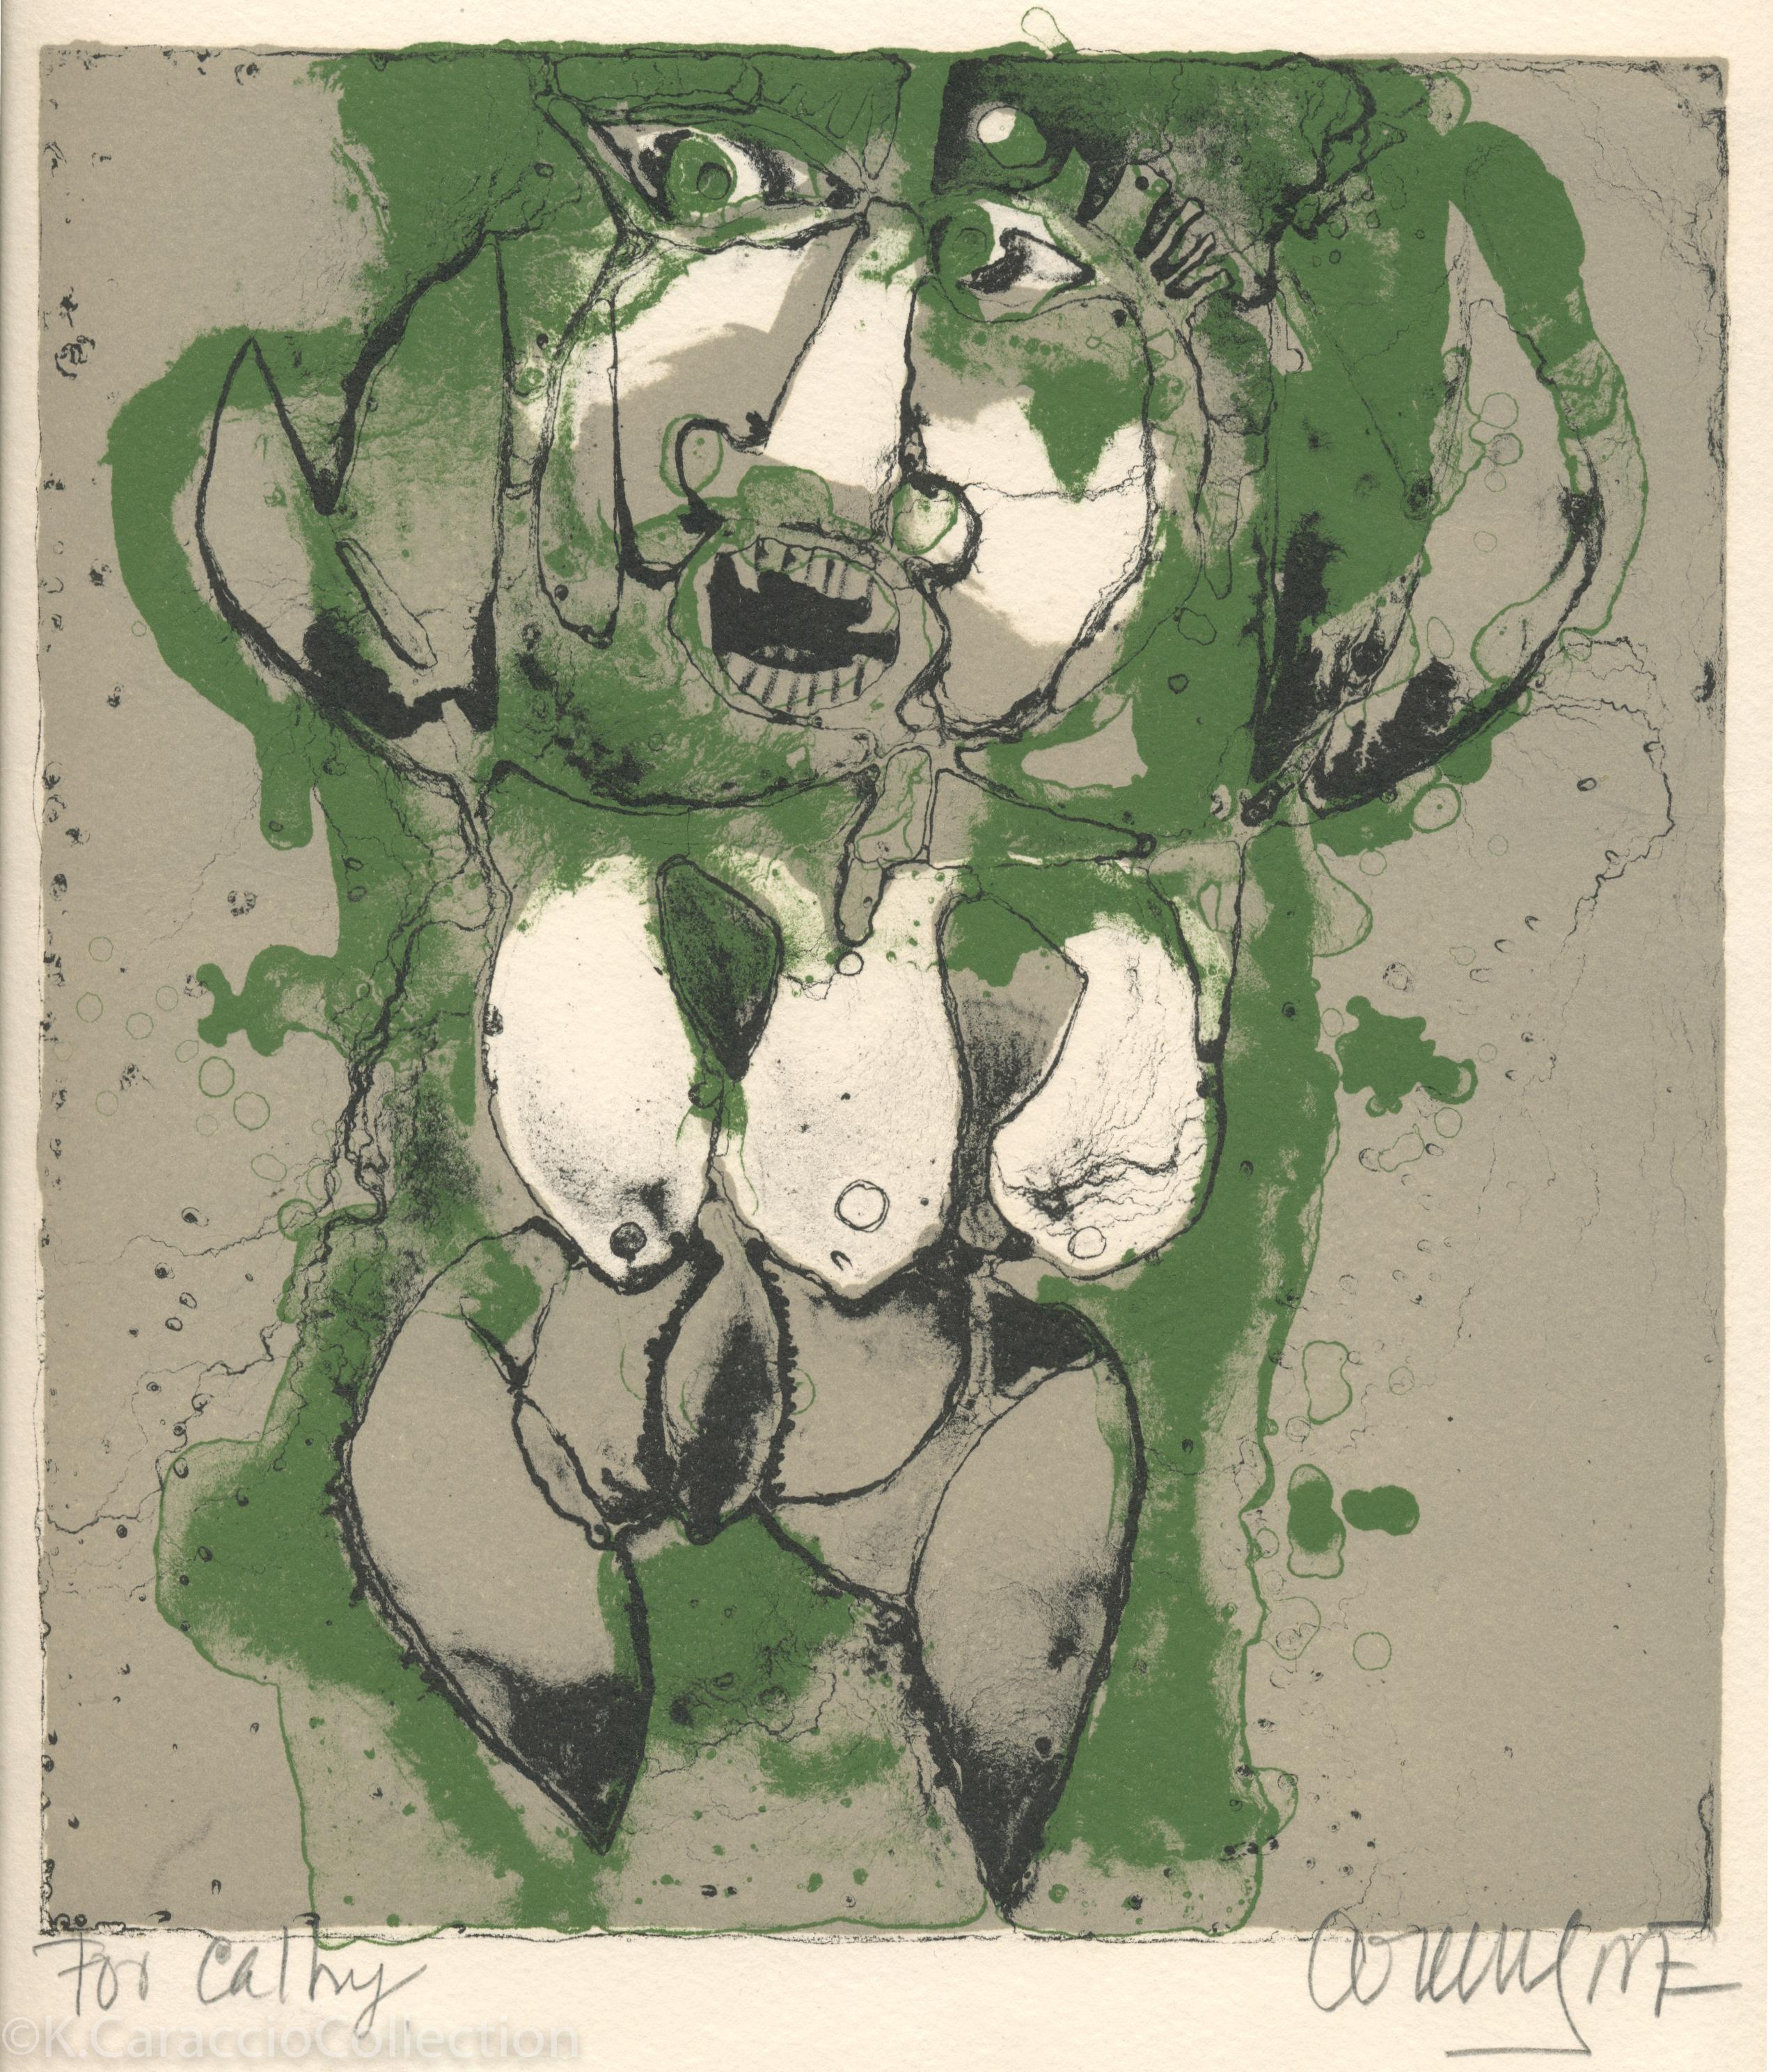 No Title, 1978